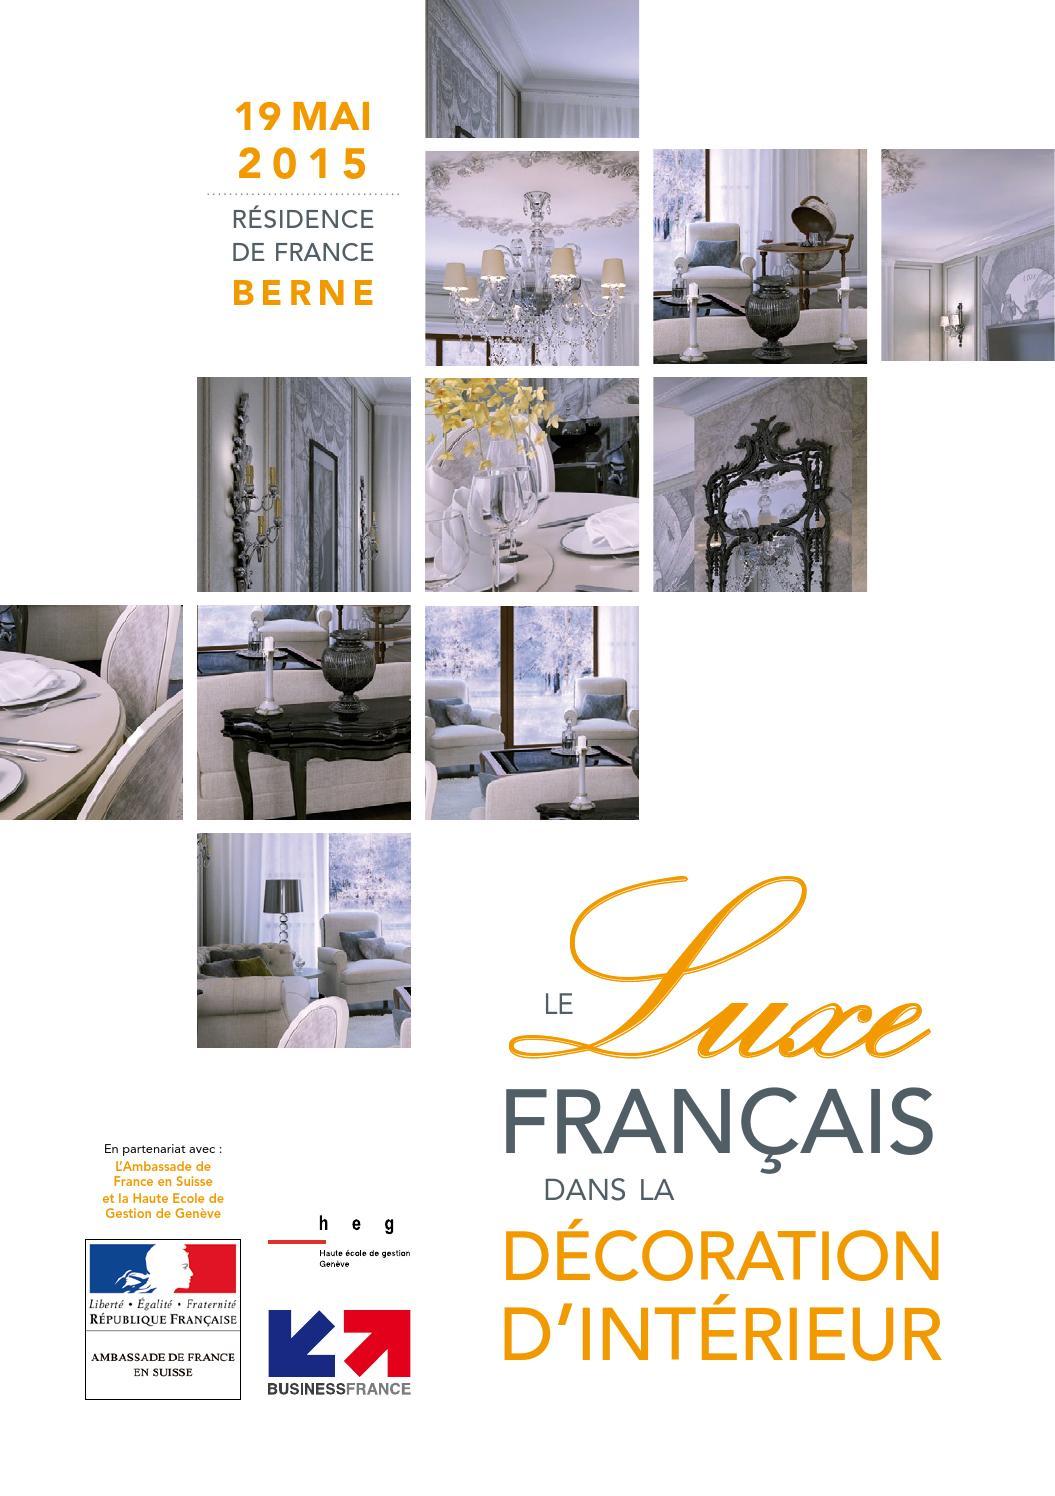 Le luxe fran ais dans la d coration d 39 int rieur by for Interieur francais